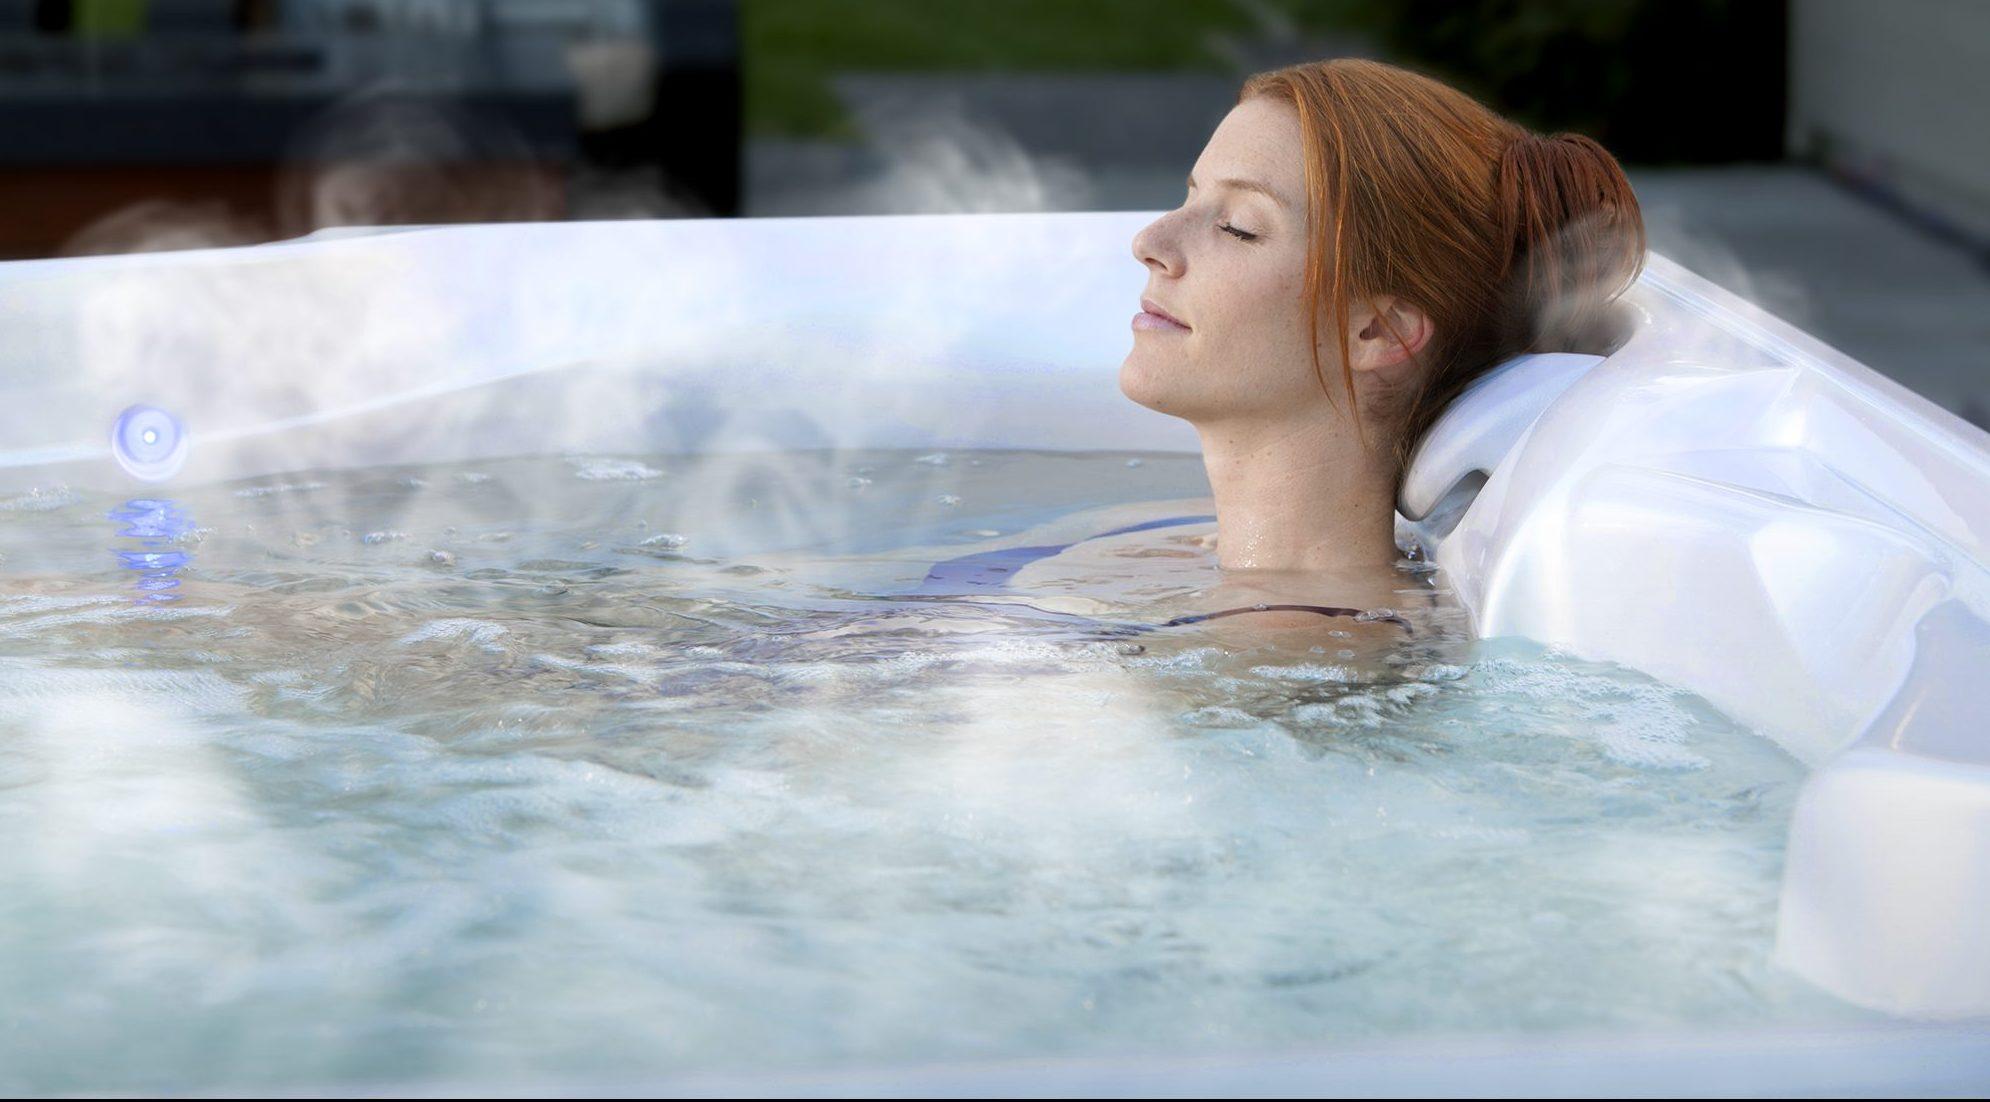 Kokią naudą teikia druska masažiniame baseine?